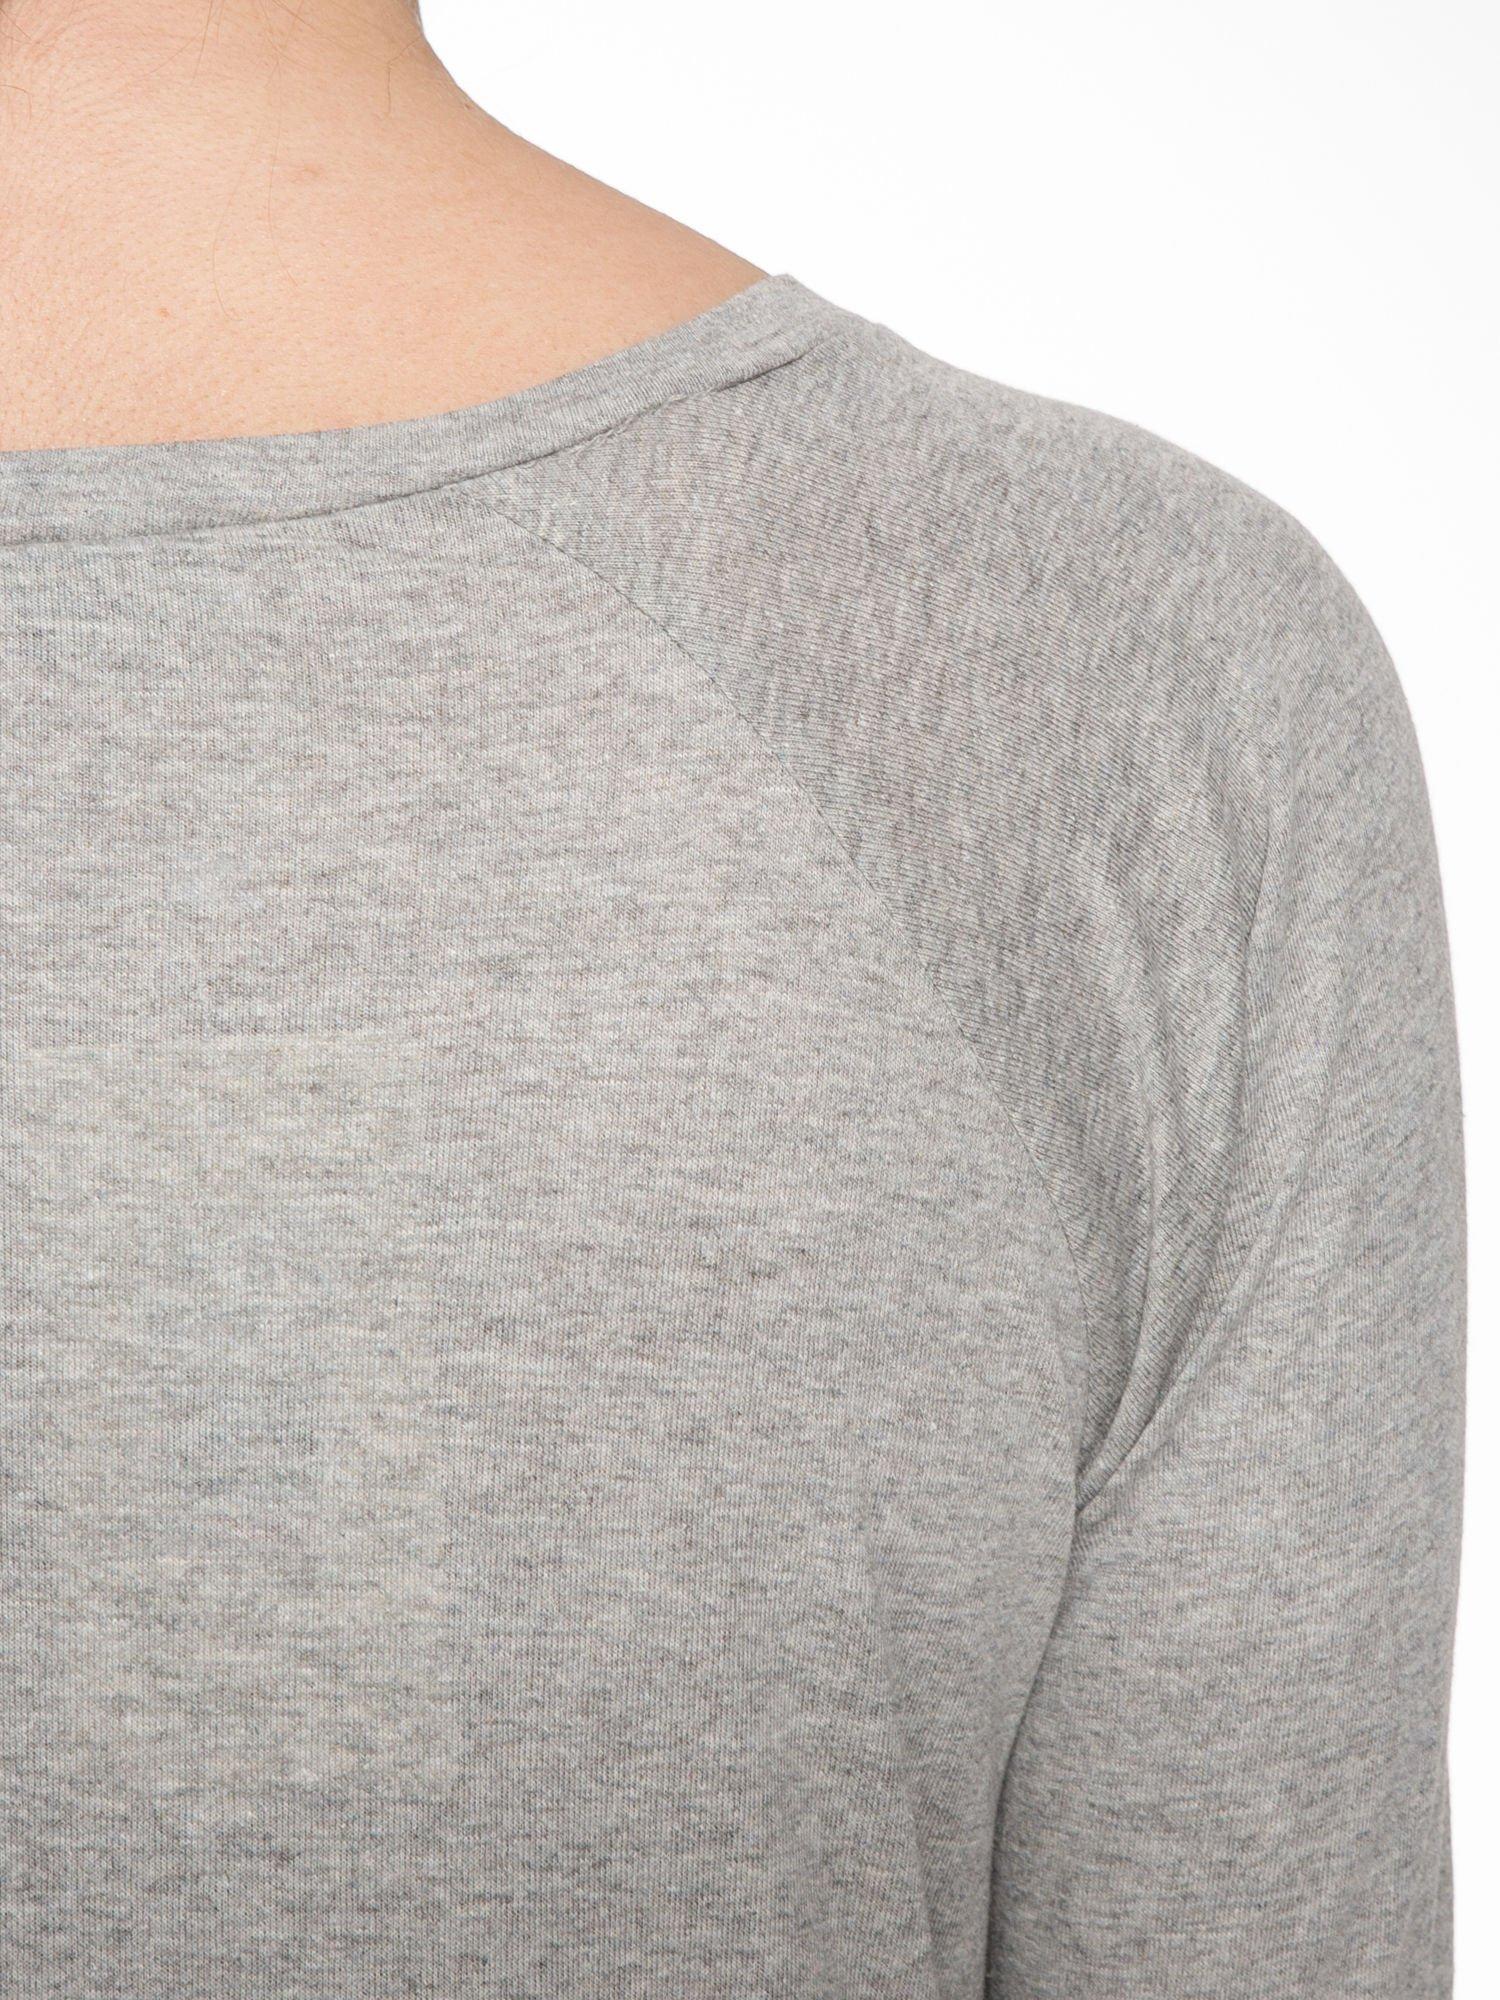 Jasnoszara melanżowa bawełniana bluzka z rękawami typu reglan                                  zdj.                                  5